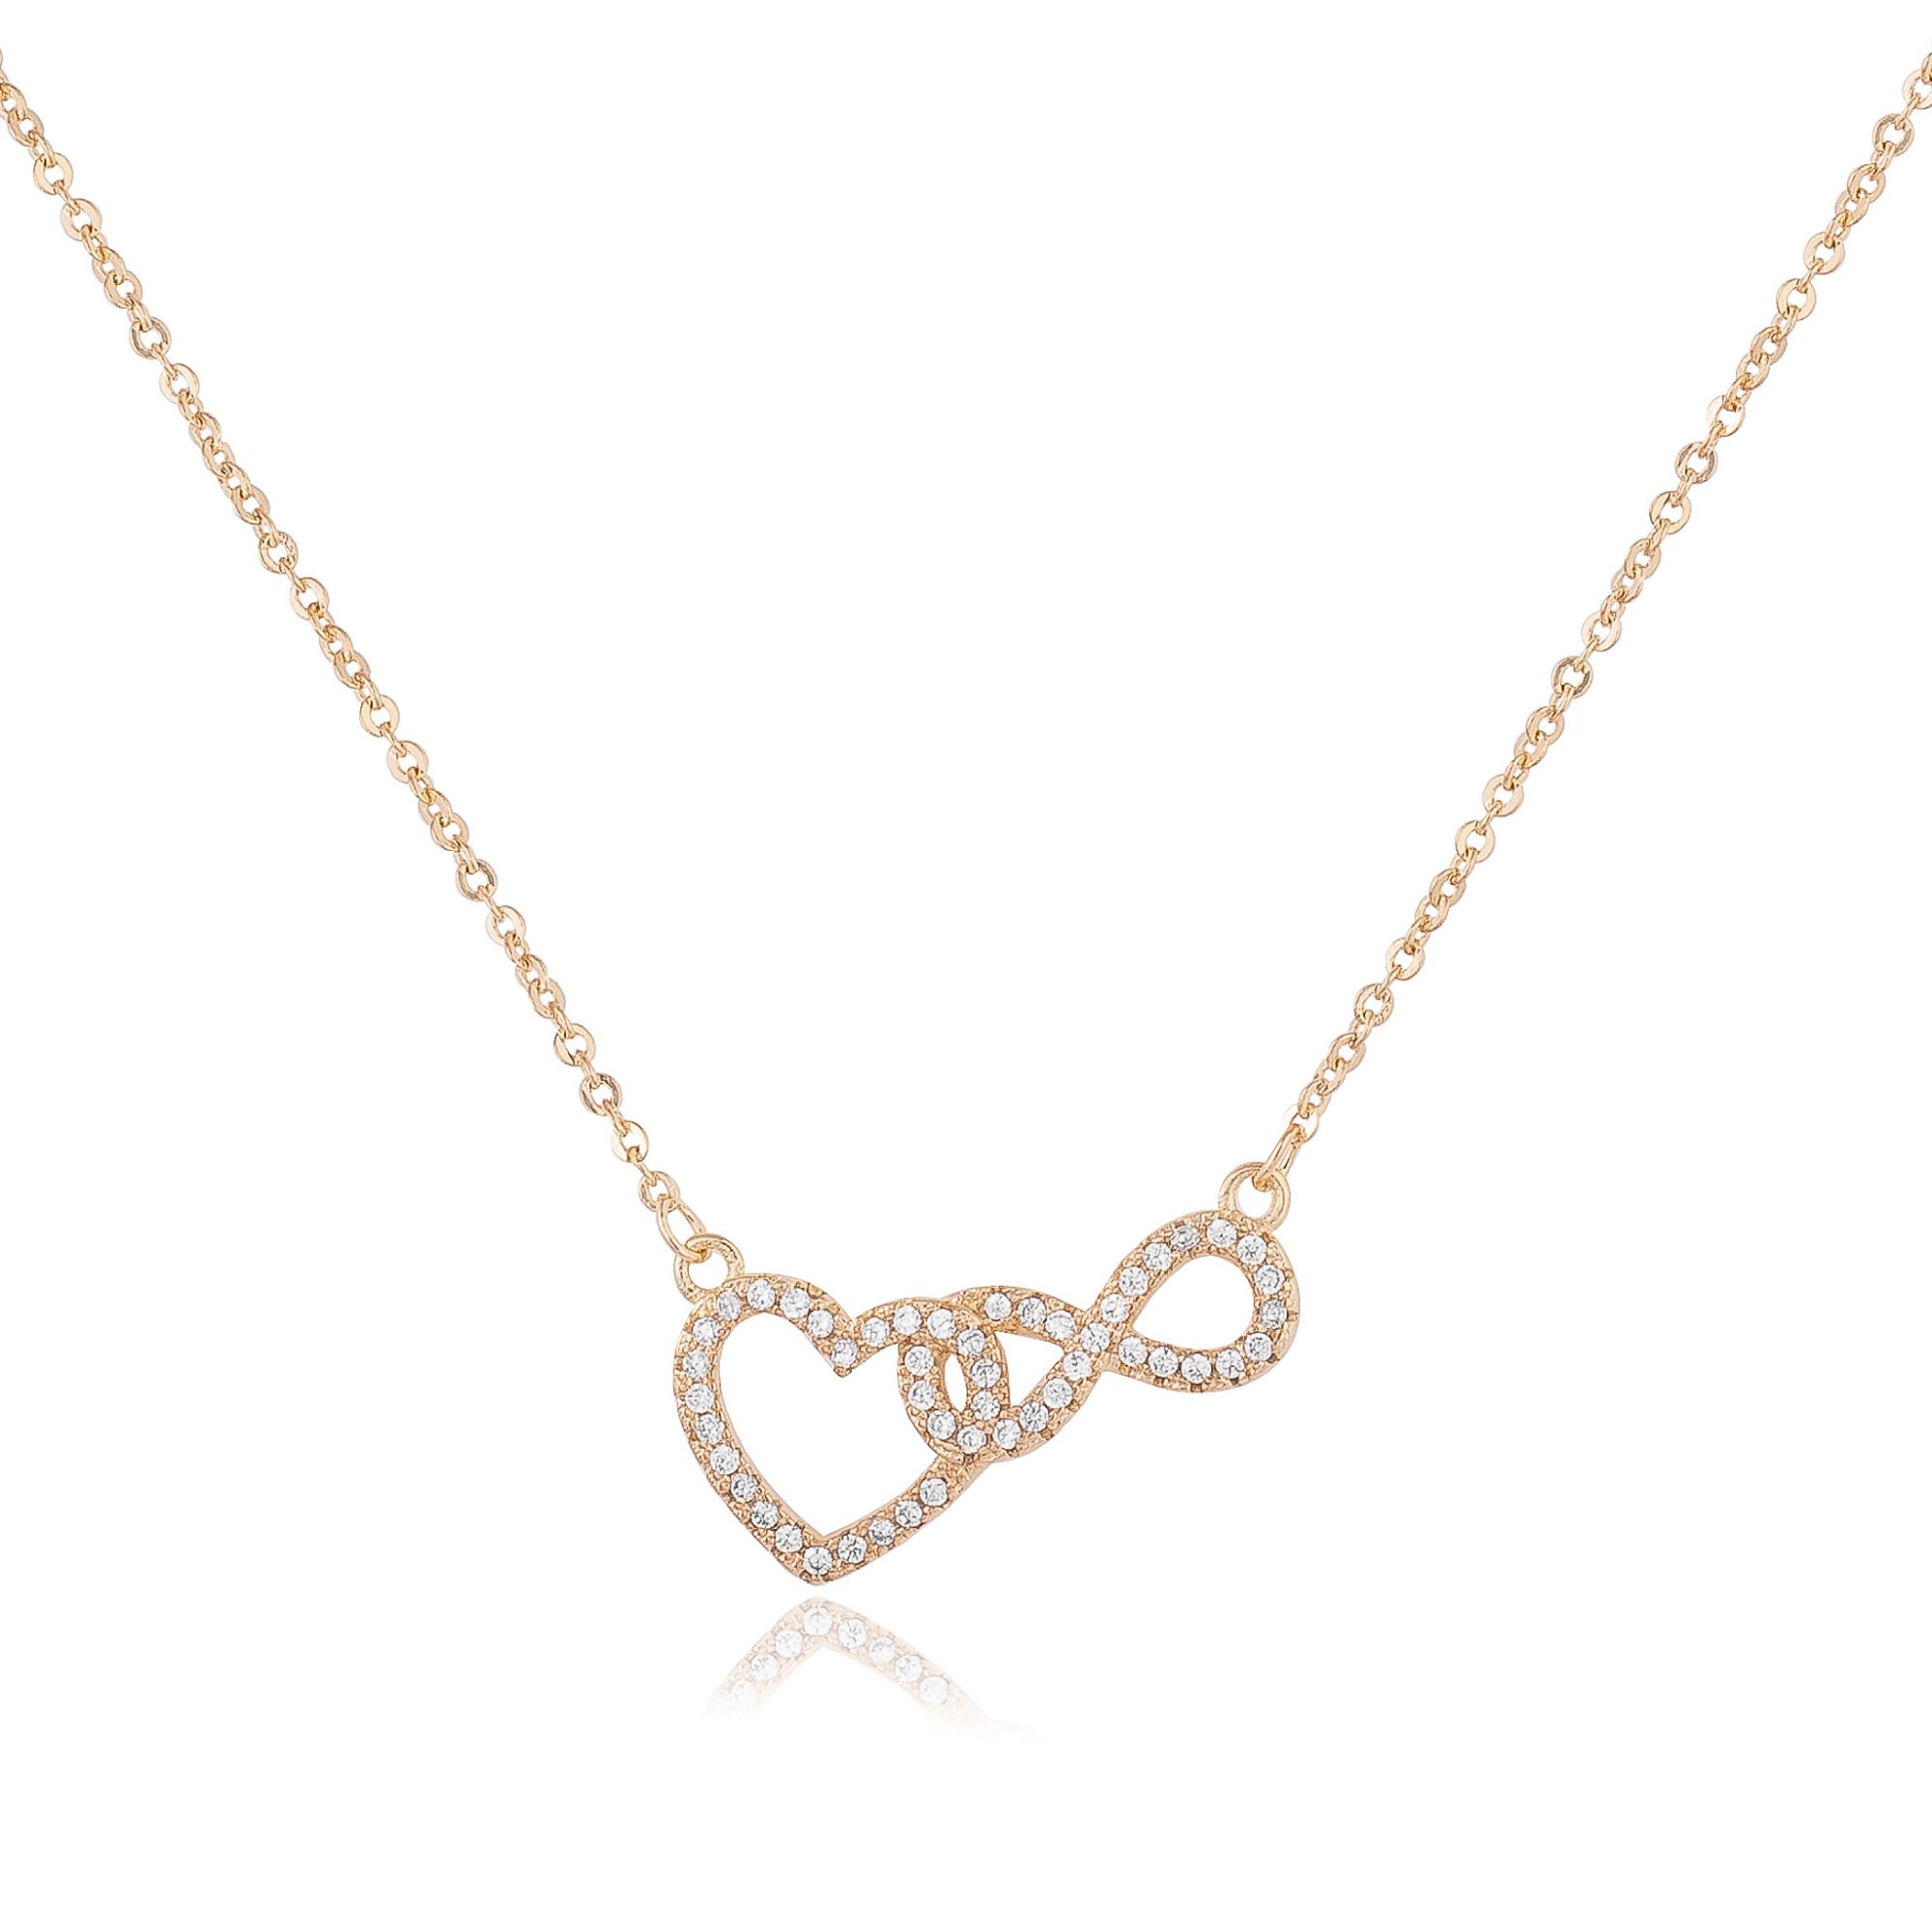 Colar coração e infinito entrelaçados com micro zircônias cristais banhado a ouro 18k.  - bfdecor.com.br